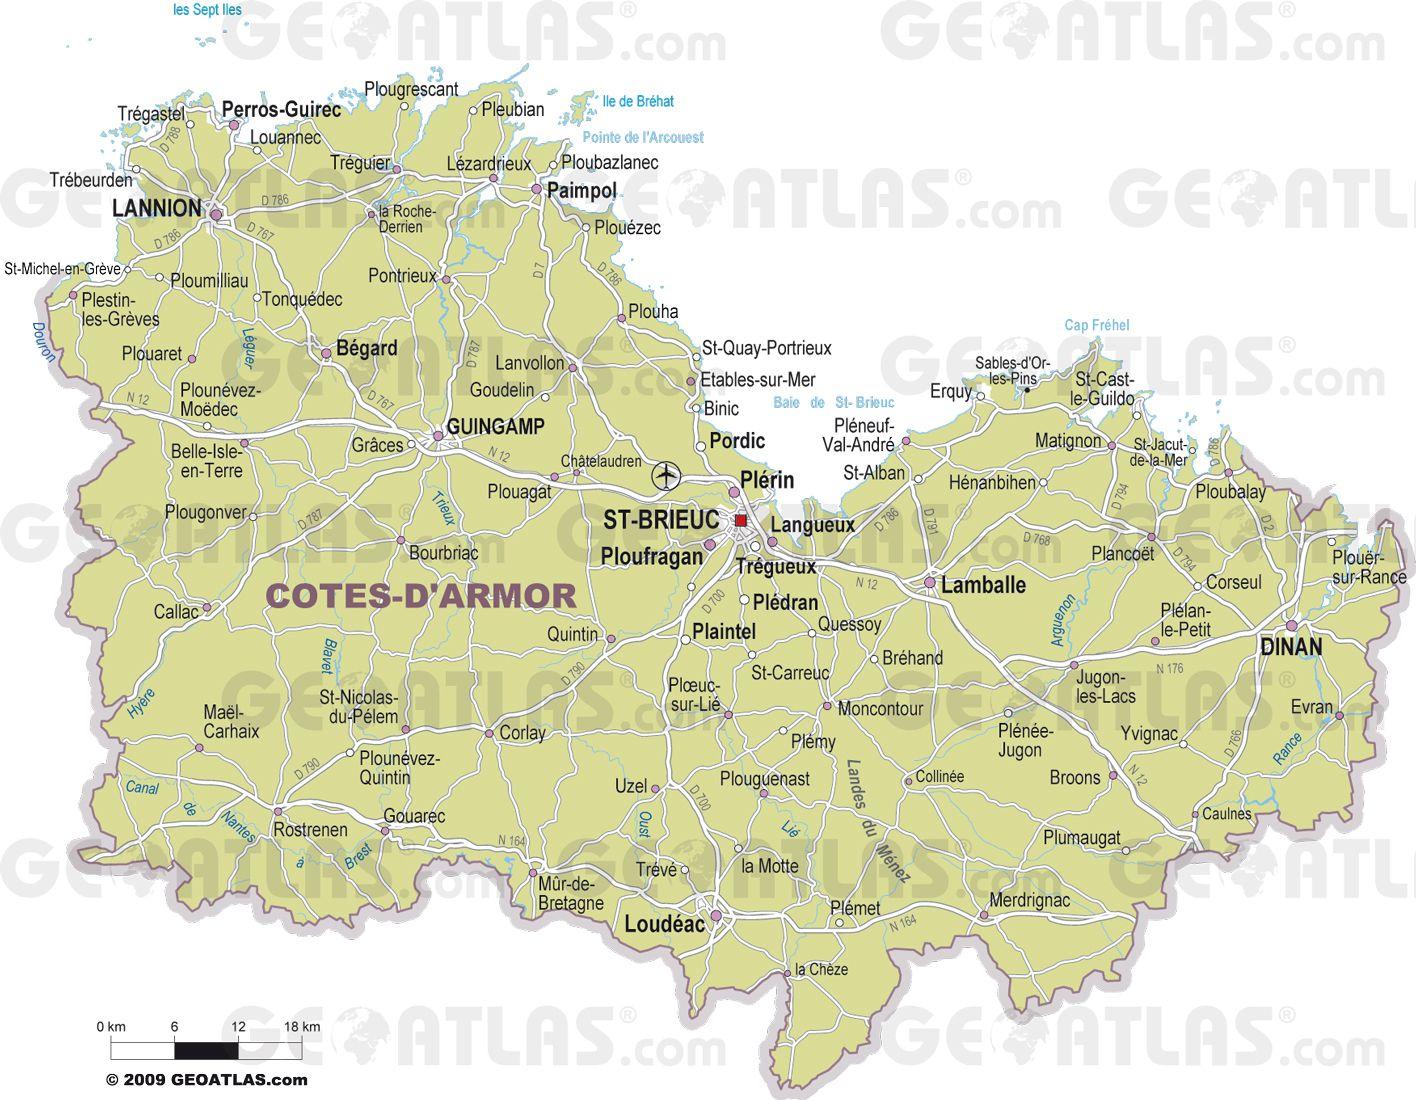 Carte Côtes-d'Armor administrative